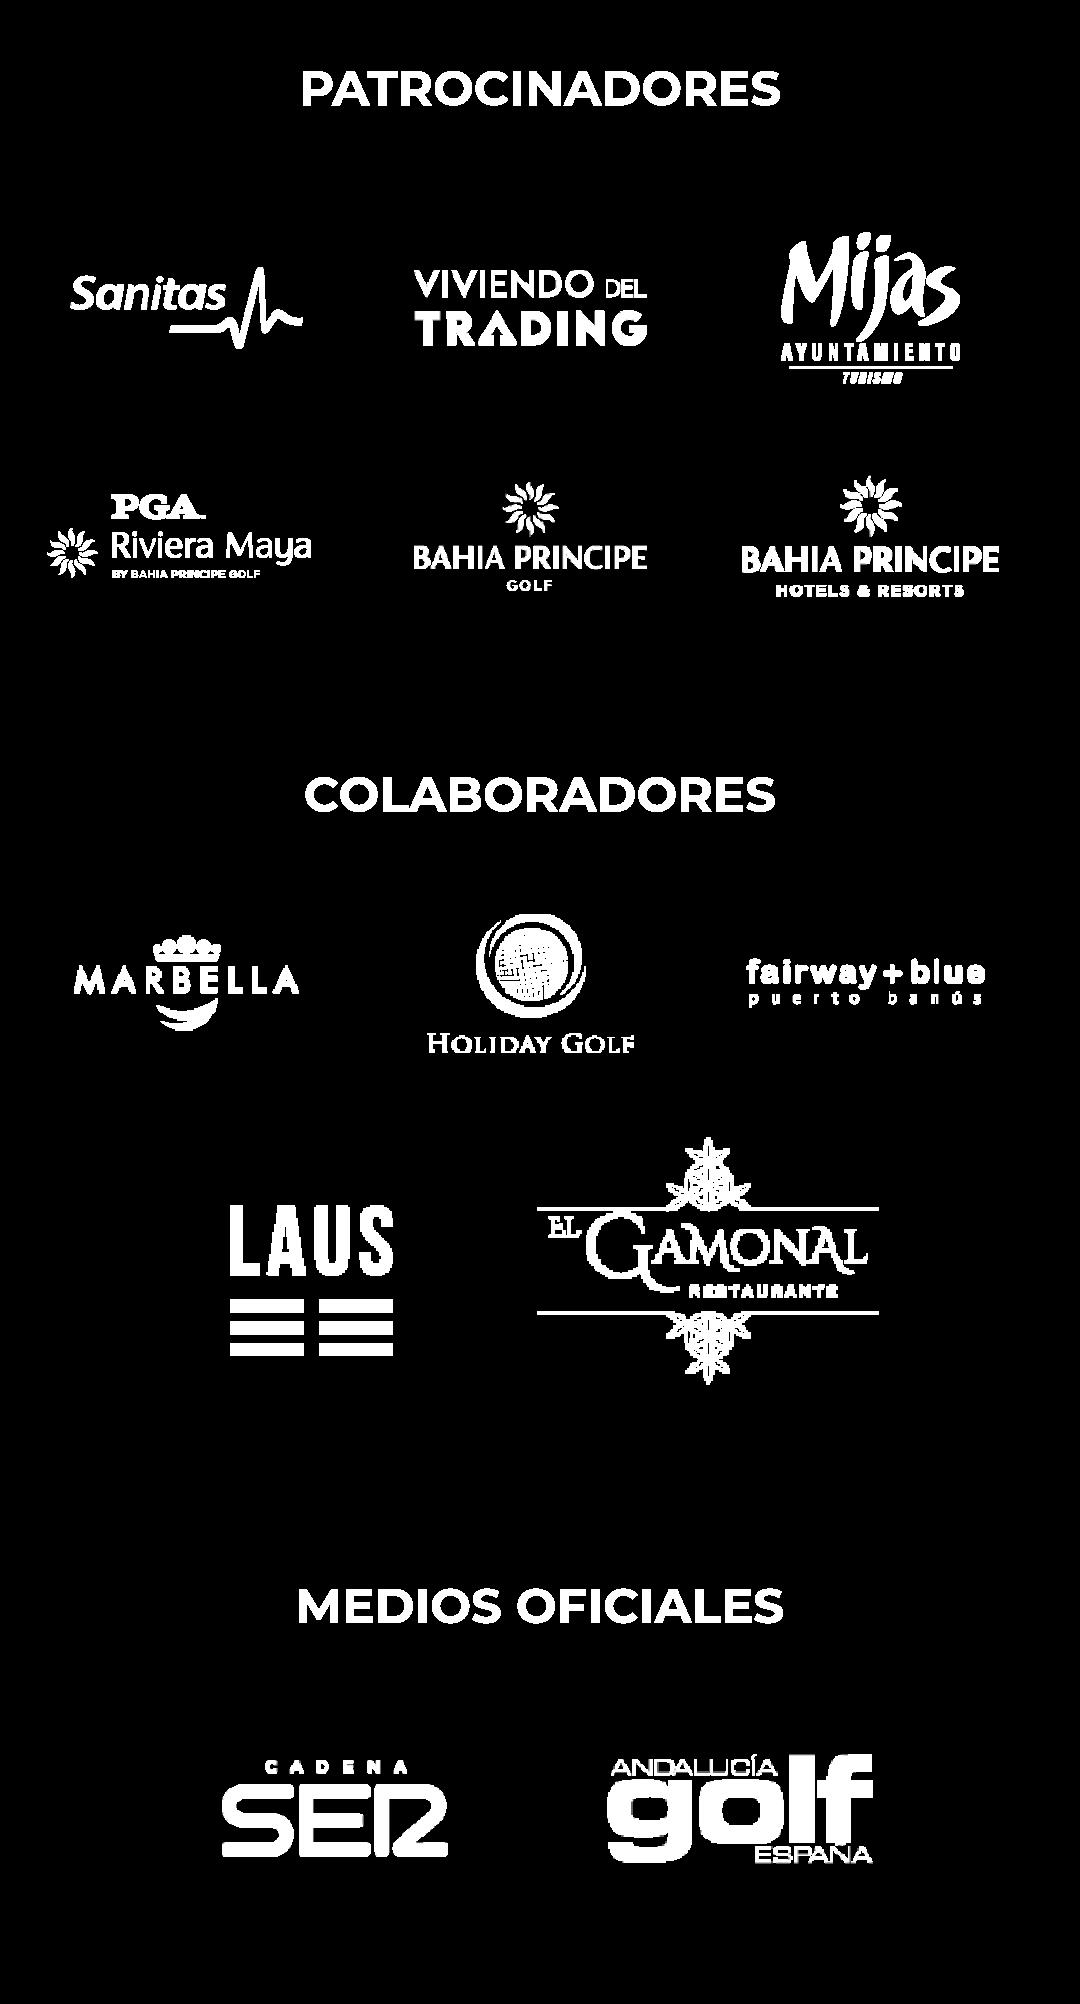 Patrocinadores-mobile